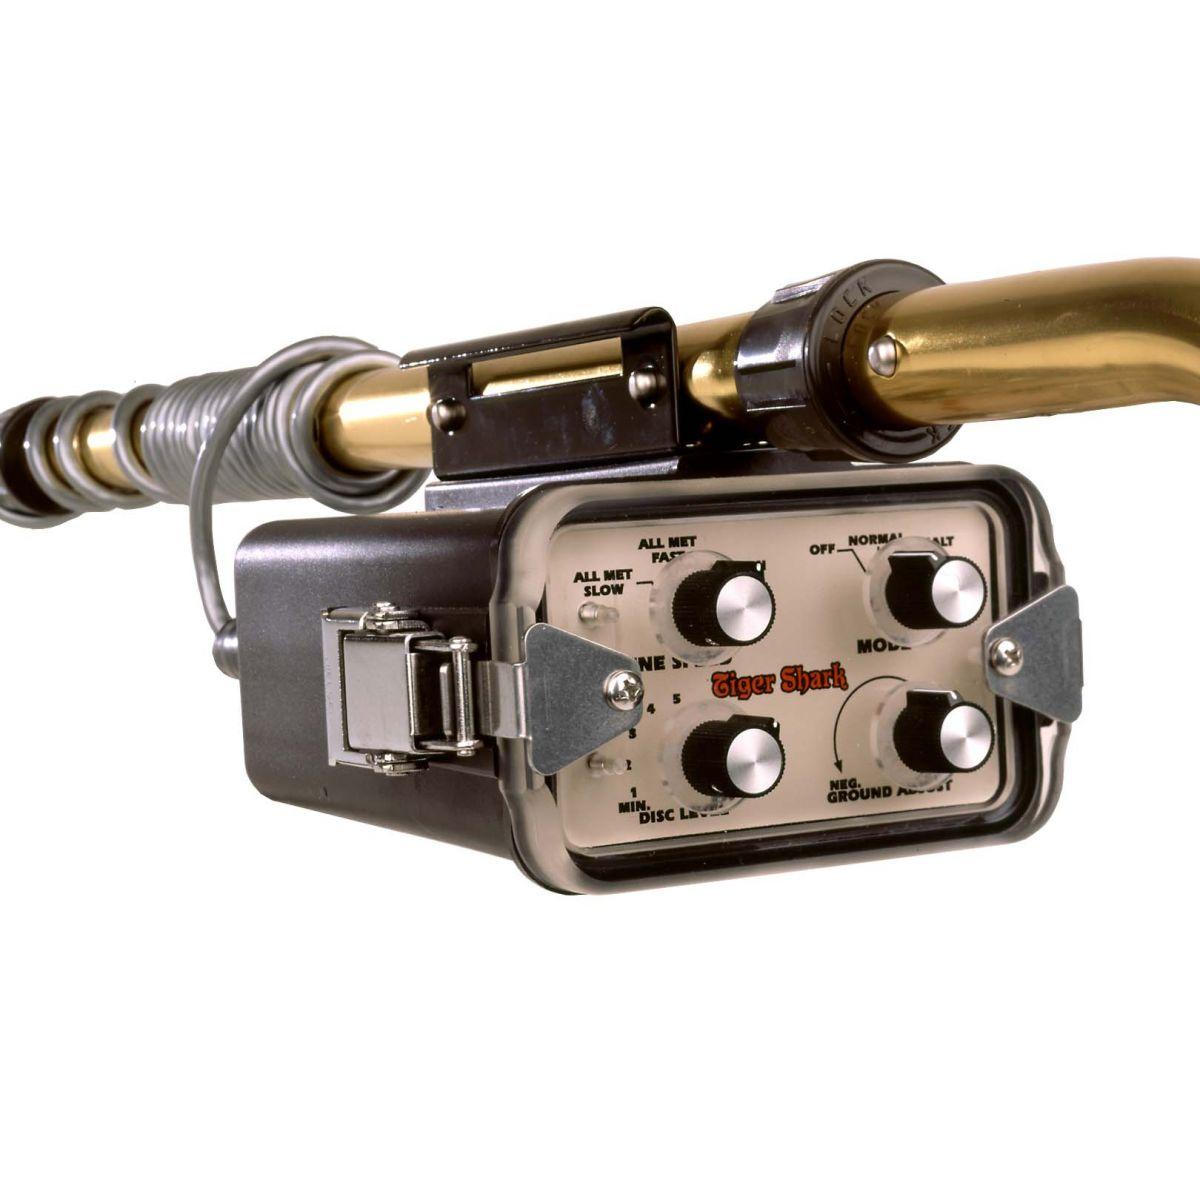 """Detector de Metais Tesoro Tiger Shark com Bobina de 8""""  - Fortuna Detectores de Metais"""